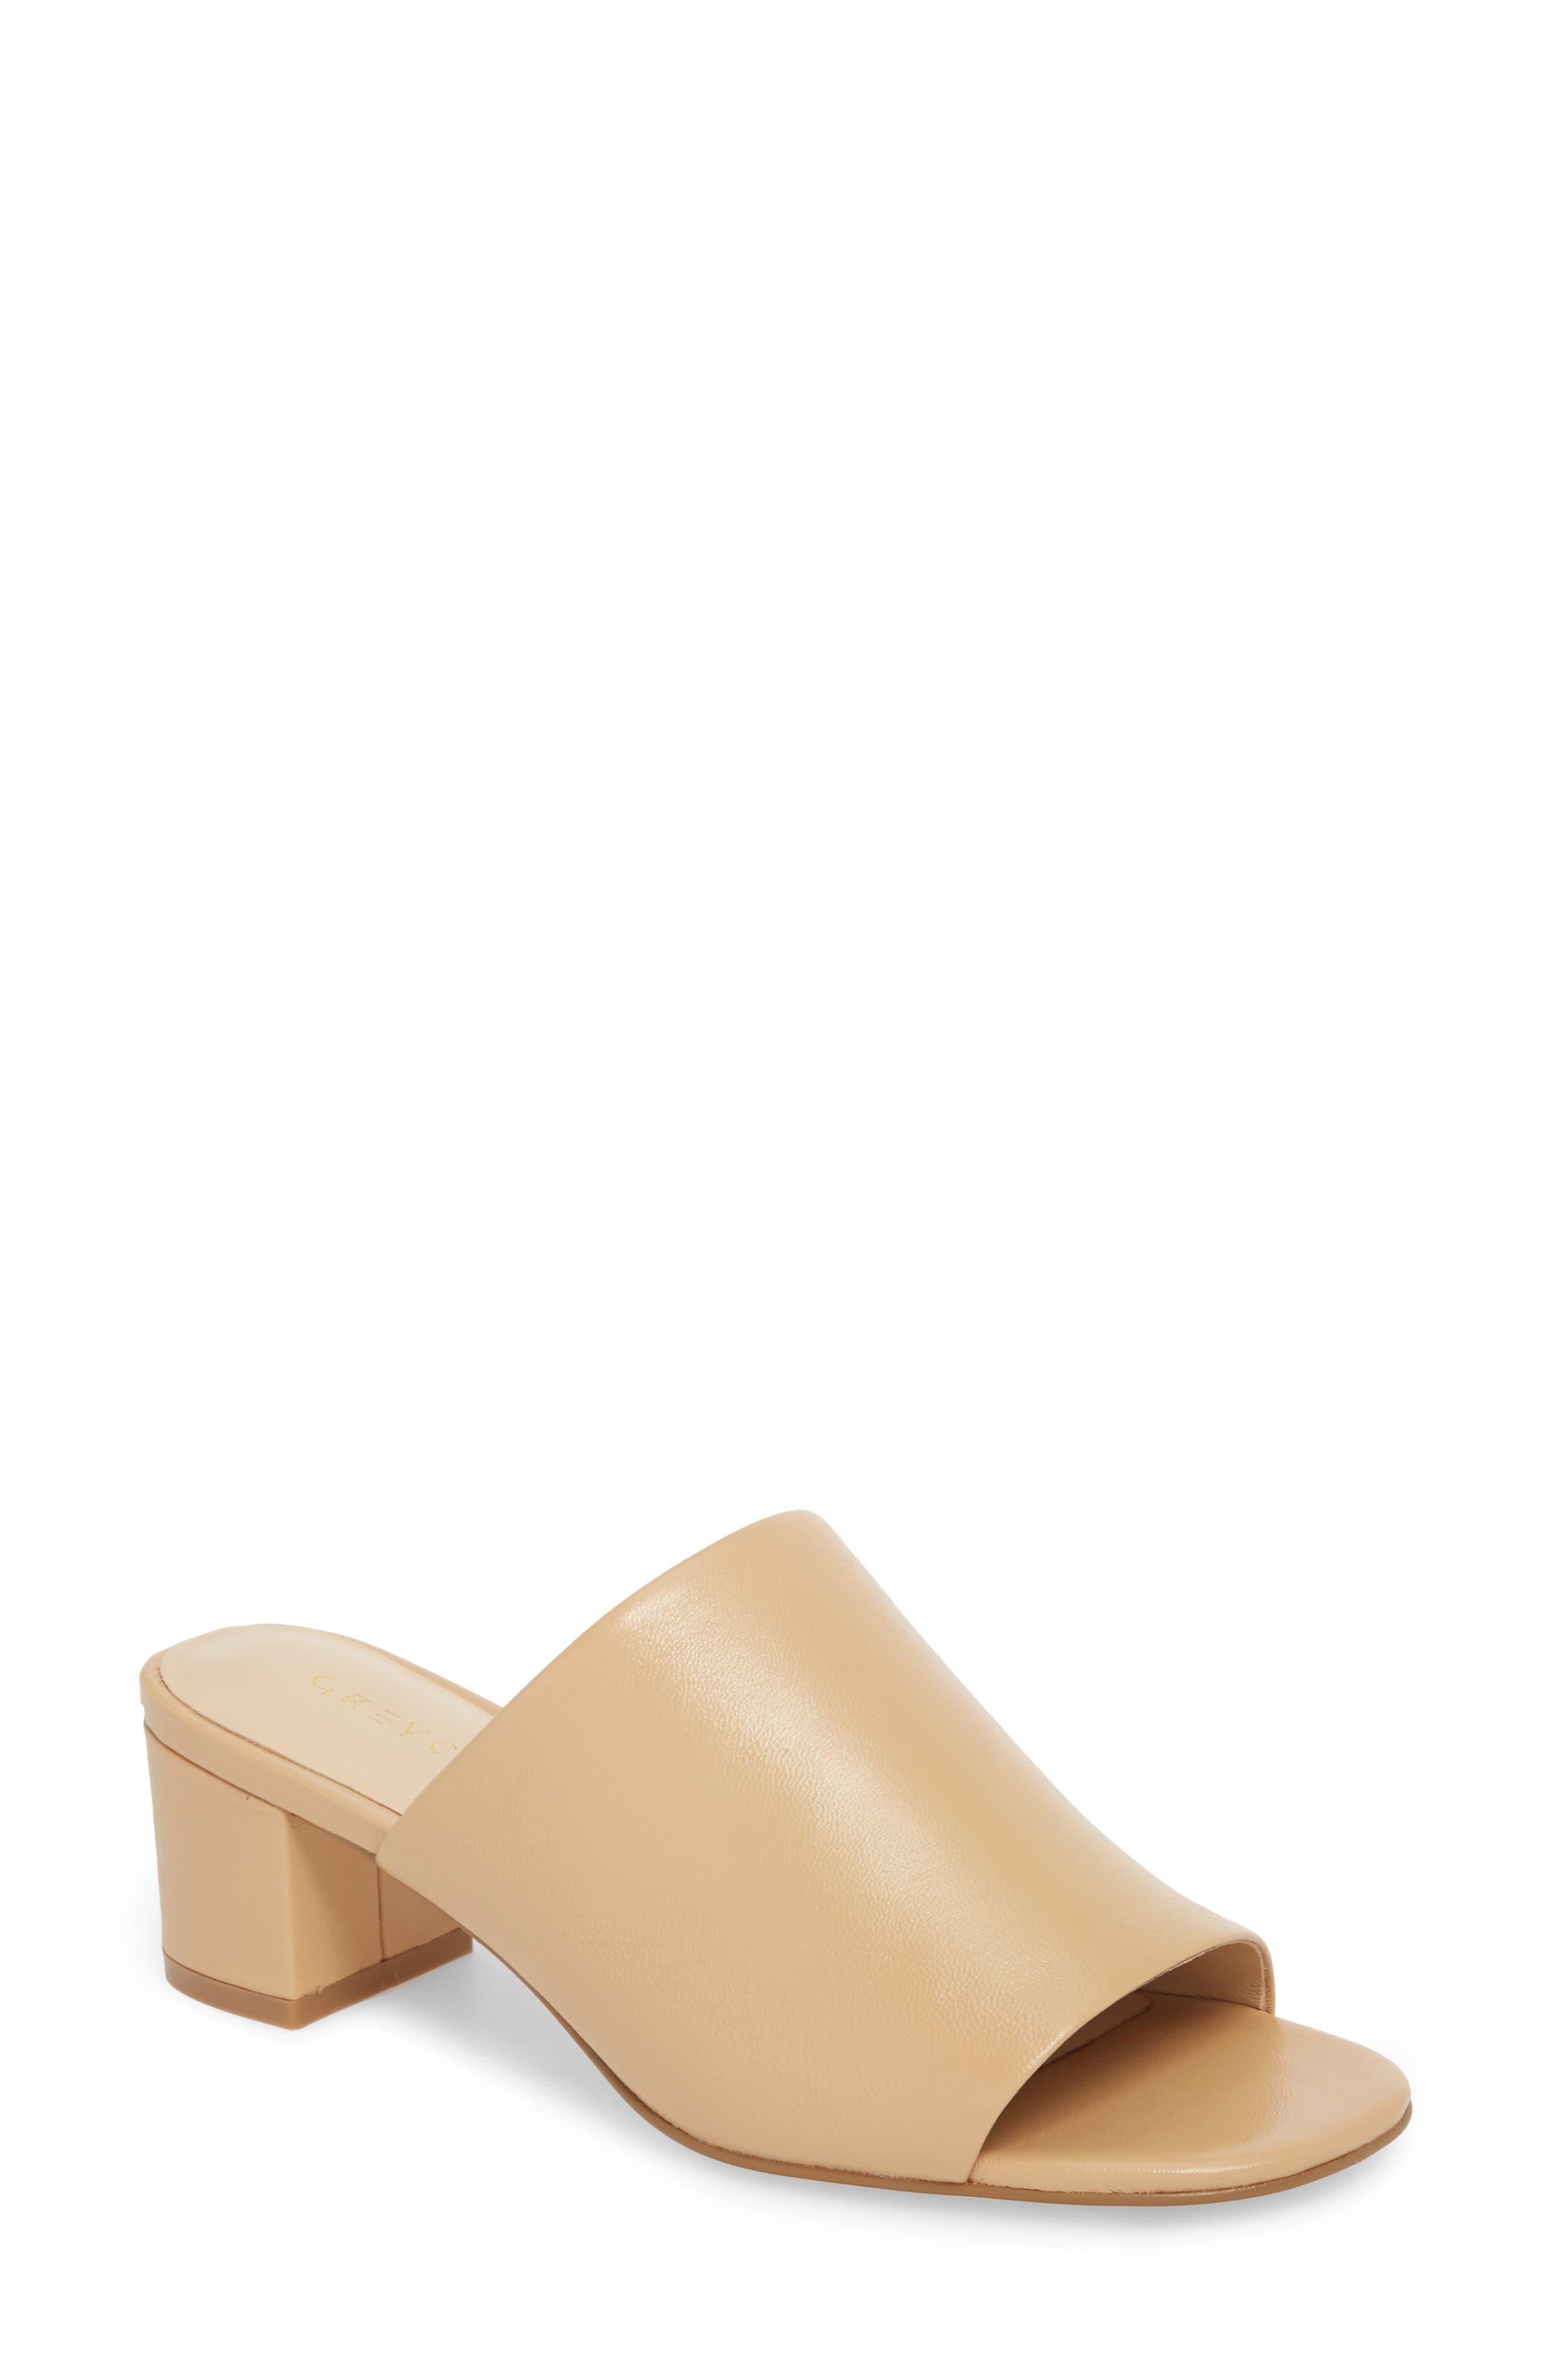 Carmen Slide Sandal,                         Main,                         color, CAMEL